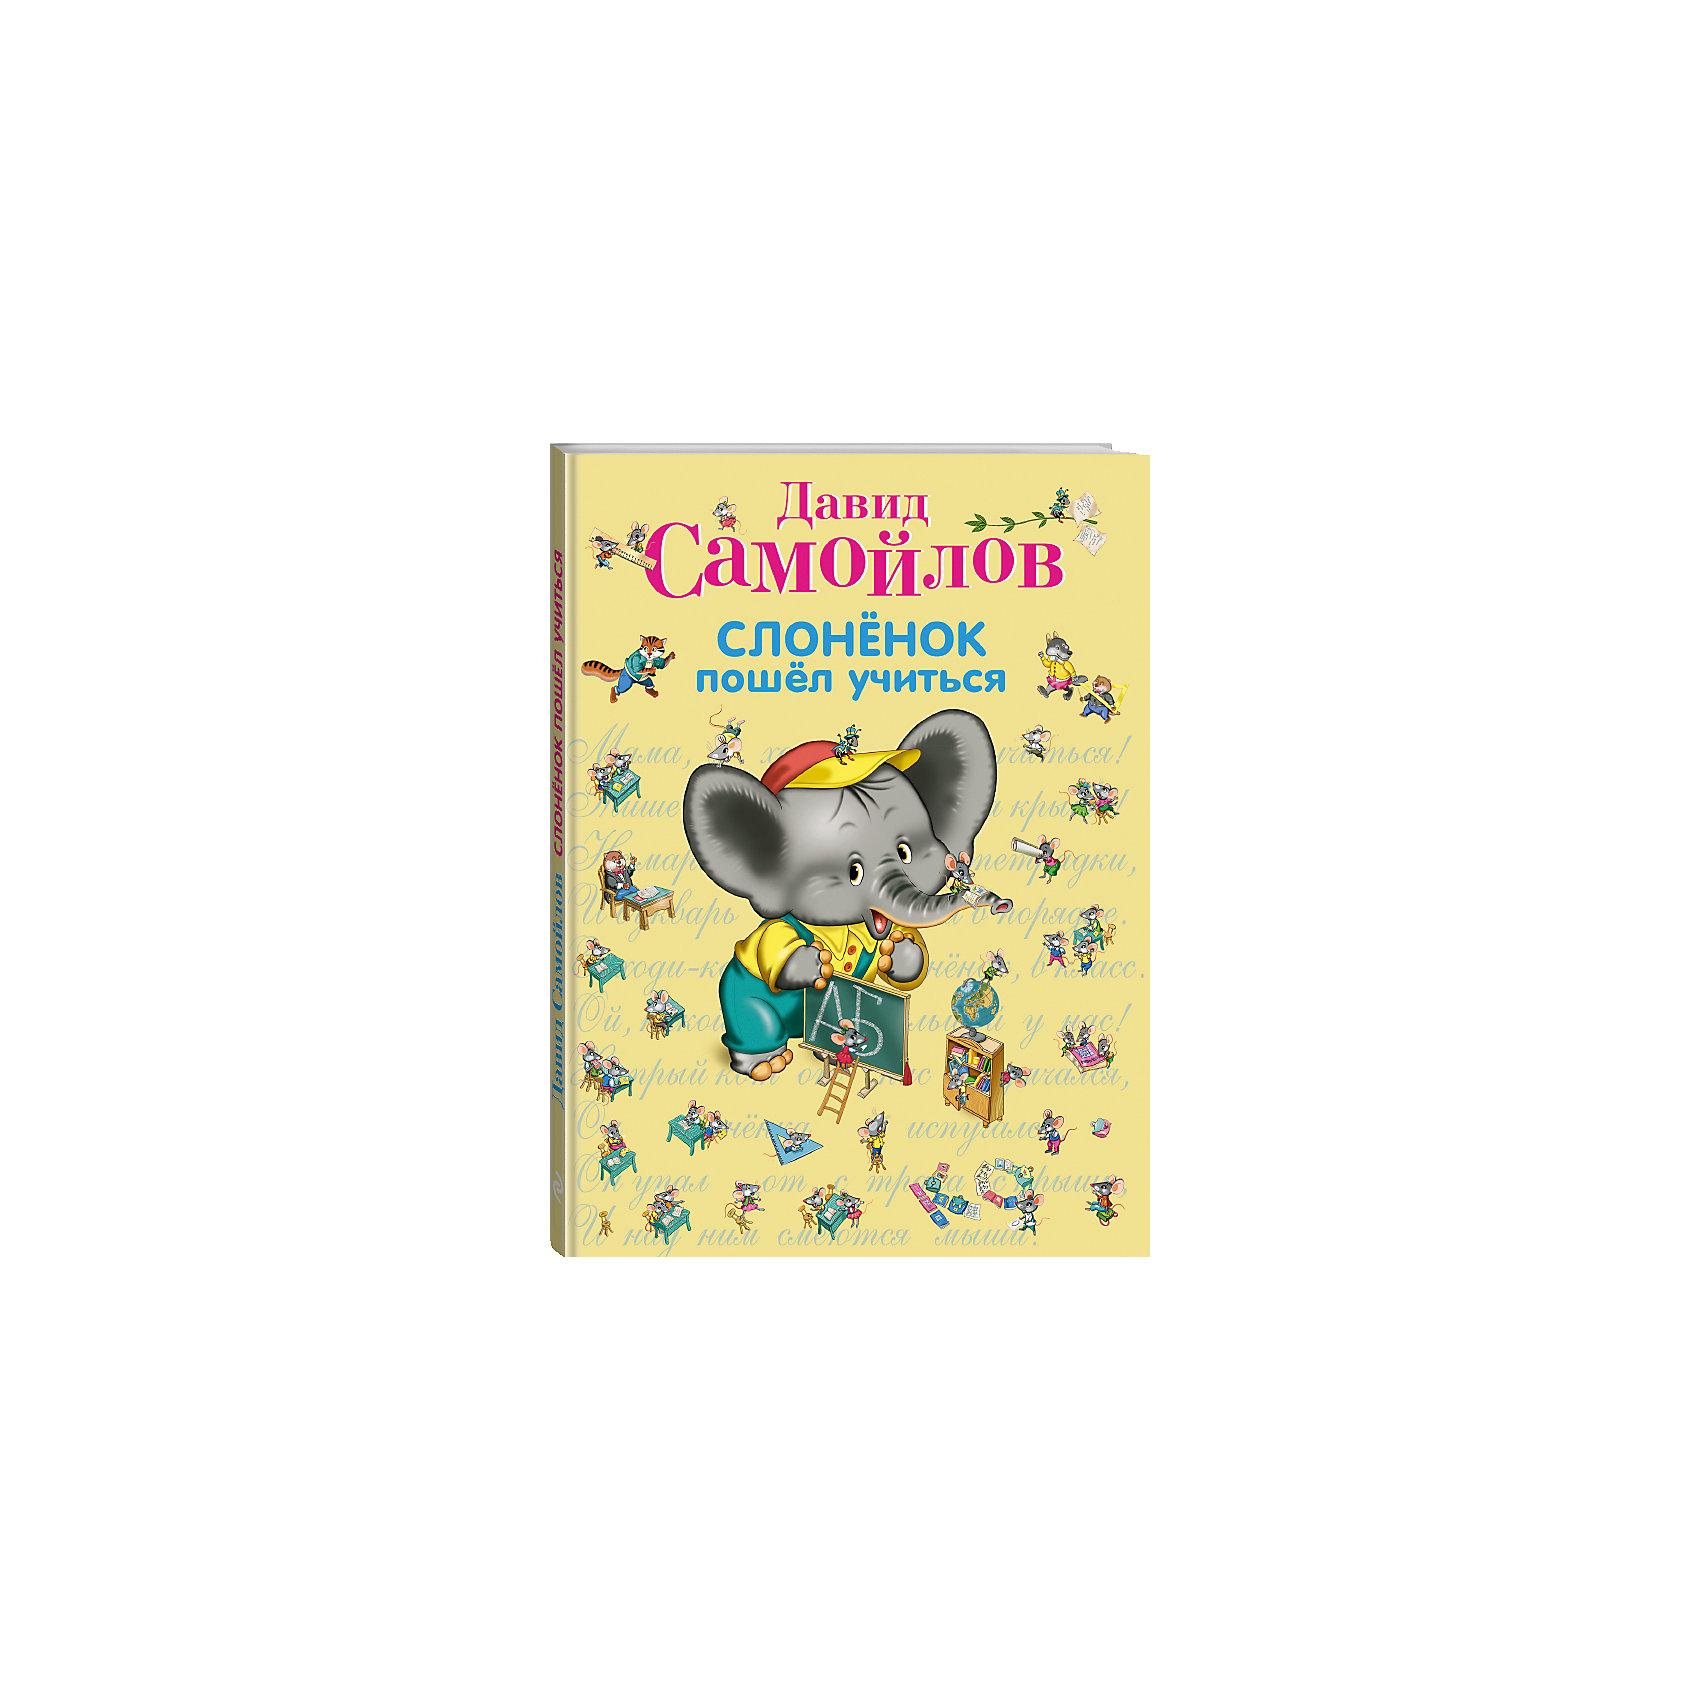 Слоненок пошел учиться, Д. СамойловЭксмо<br>Слоненок пошел учиться – это сказка Давида Самойлова о маленьком слонёнке, который ну очень хотел учиться в школе!<br>Познакомить малышей с драматическим жанром вам поможет необычная пьеса-сказка в стихах Слоненок пошел учиться, рассказывающая о том, как непросто большому слоненку было найти для себя школу, и с какими трудностями столкнулся маленький ученик в свой первый день в школе. О том, как слоненок заслужил любовь и уважение одноклассников-мышат, как из плаксы и недотепы превратился в смелого защитника ребята узнают, дослушав или прочитав историю самостоятельно до конца. Стихотворная пьеса написана по ролям, ее легко можно поставить на празднике в детском саду или школе. Остроумные шутливые диалоги очень просты для запоминания и маленькие читатели с удовольствием попробуют себя в роли настоящих актеров. Книга гармонично дополнена красочными добрыми рисунками. Для младшего школьного возраста.<br><br>Дополнительная информация:<br><br>- Автор: Самойлов Давид Самойлович<br>- Художник: Панков Игорь<br>- Редактор: Кондрашова Л.<br>- Издательство: Эксмо, 2013 г.<br>- Серия: Стихи и сказки для детей (Подарочные издания)<br>- Тип обложки: 7Бц - твердая, целлофанированная (или лакированная)<br>- Иллюстрации: цветные<br>- Количество страниц: 72 (офсет)<br>- Размер: 265x205x10 мм.<br>- Вес: 394 гр.<br><br>Книгу «Слоненок пошел учиться» можно купить в нашем интернет-магазине.<br><br>Ширина мм: 255<br>Глубина мм: 197<br>Высота мм: 9<br>Вес г: 410<br>Возраст от месяцев: 36<br>Возраст до месяцев: 72<br>Пол: Унисекс<br>Возраст: Детский<br>SKU: 4414833